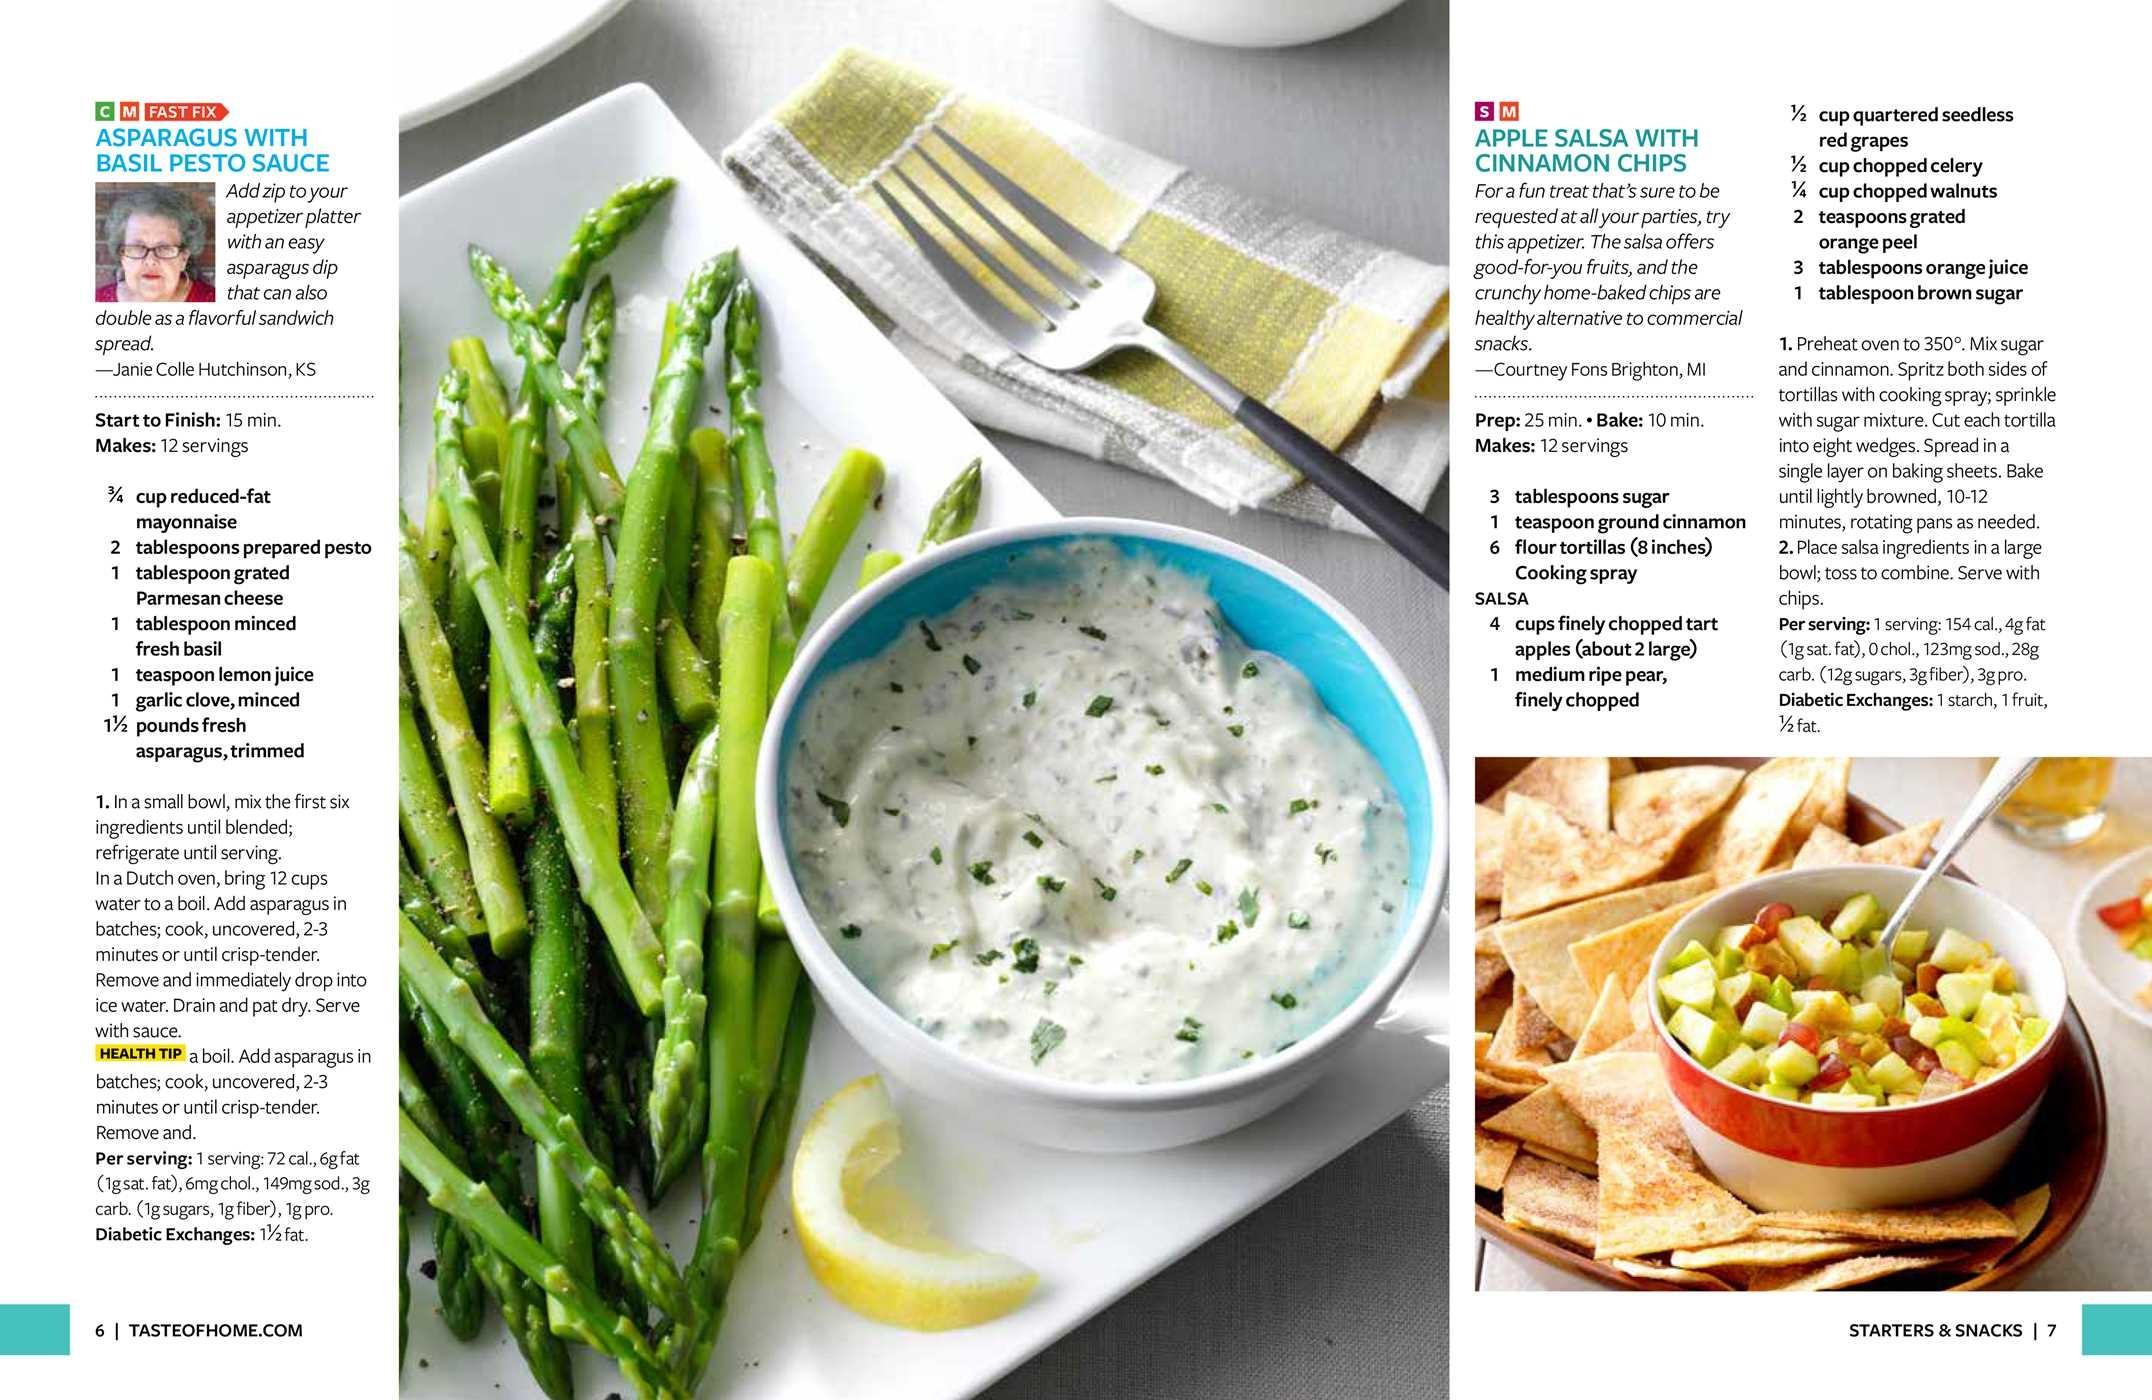 Taste of home simply healthy cookbook 9781617657191.in03